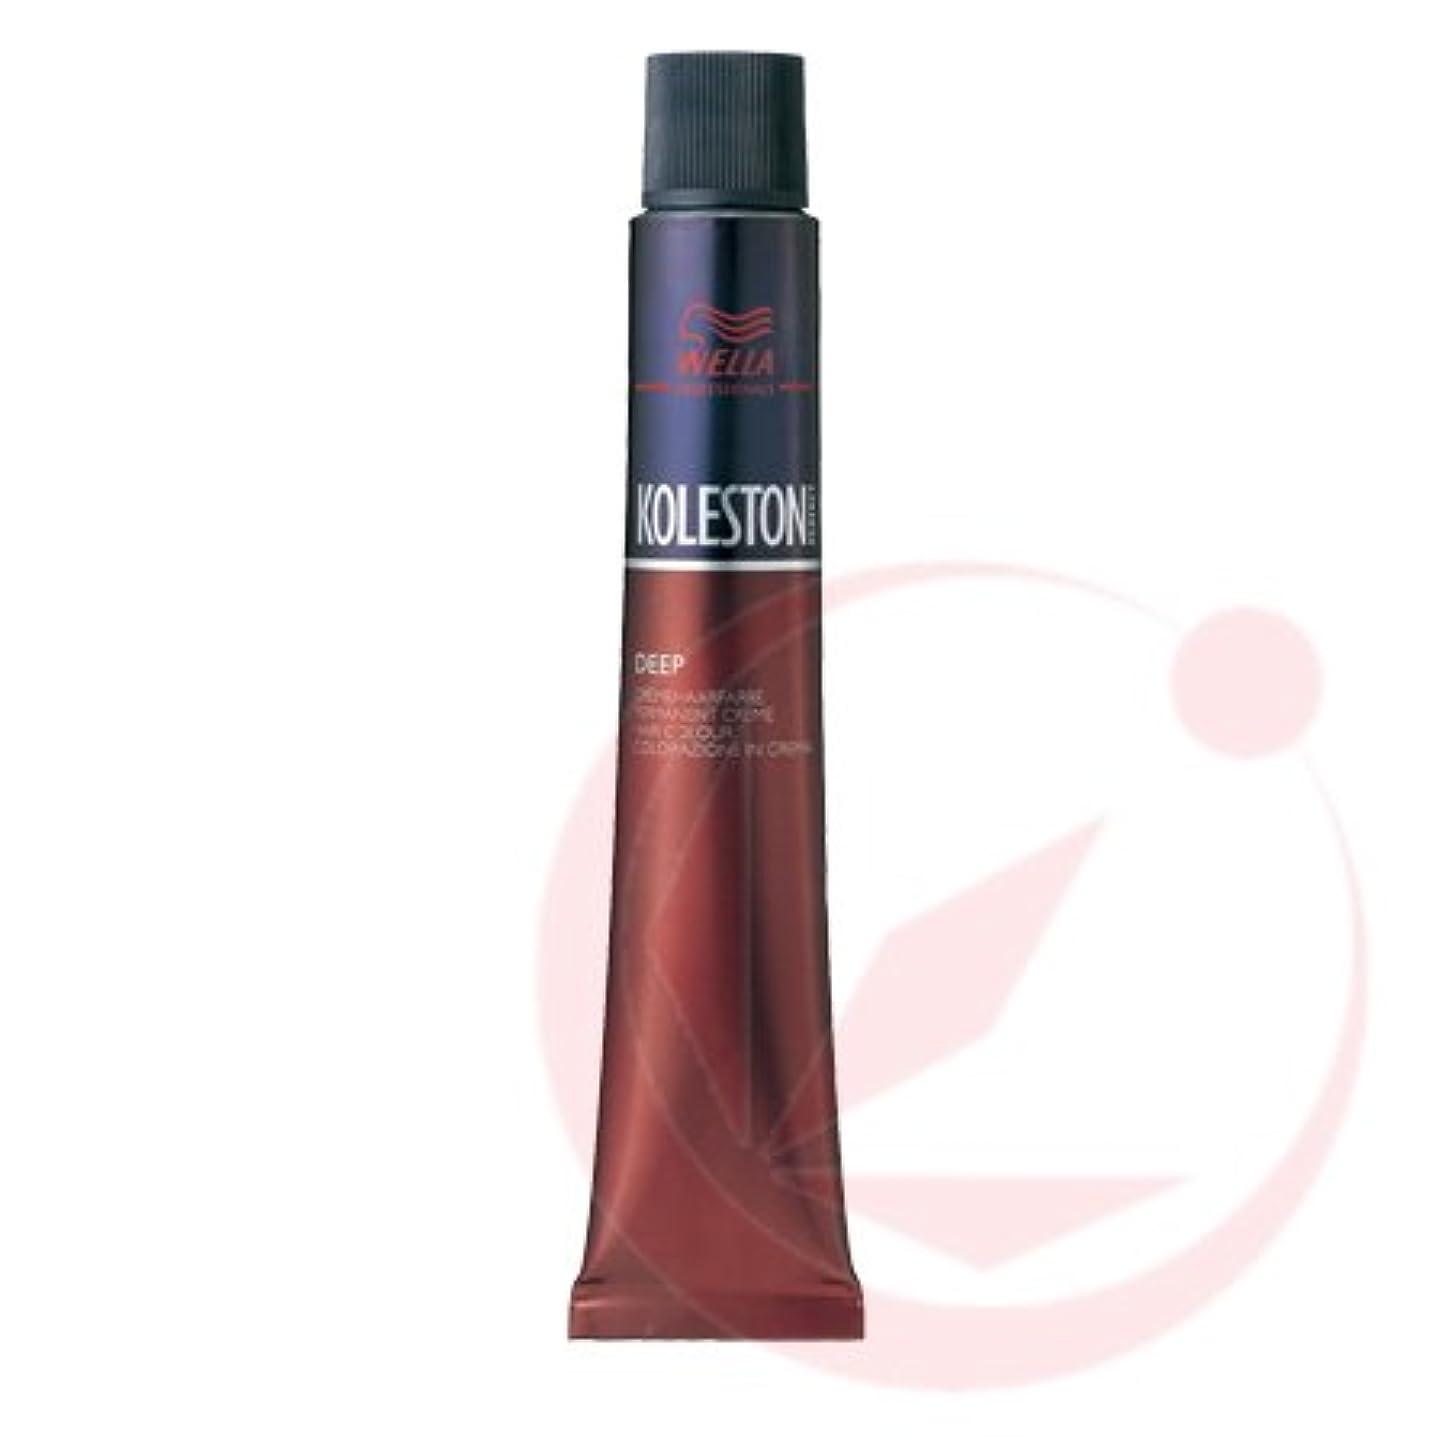 きらきら素晴らしい厚いウエラ コレストンパーフェクト Deep 07 (ディープ) 80g(カラー1剤) 8/07*